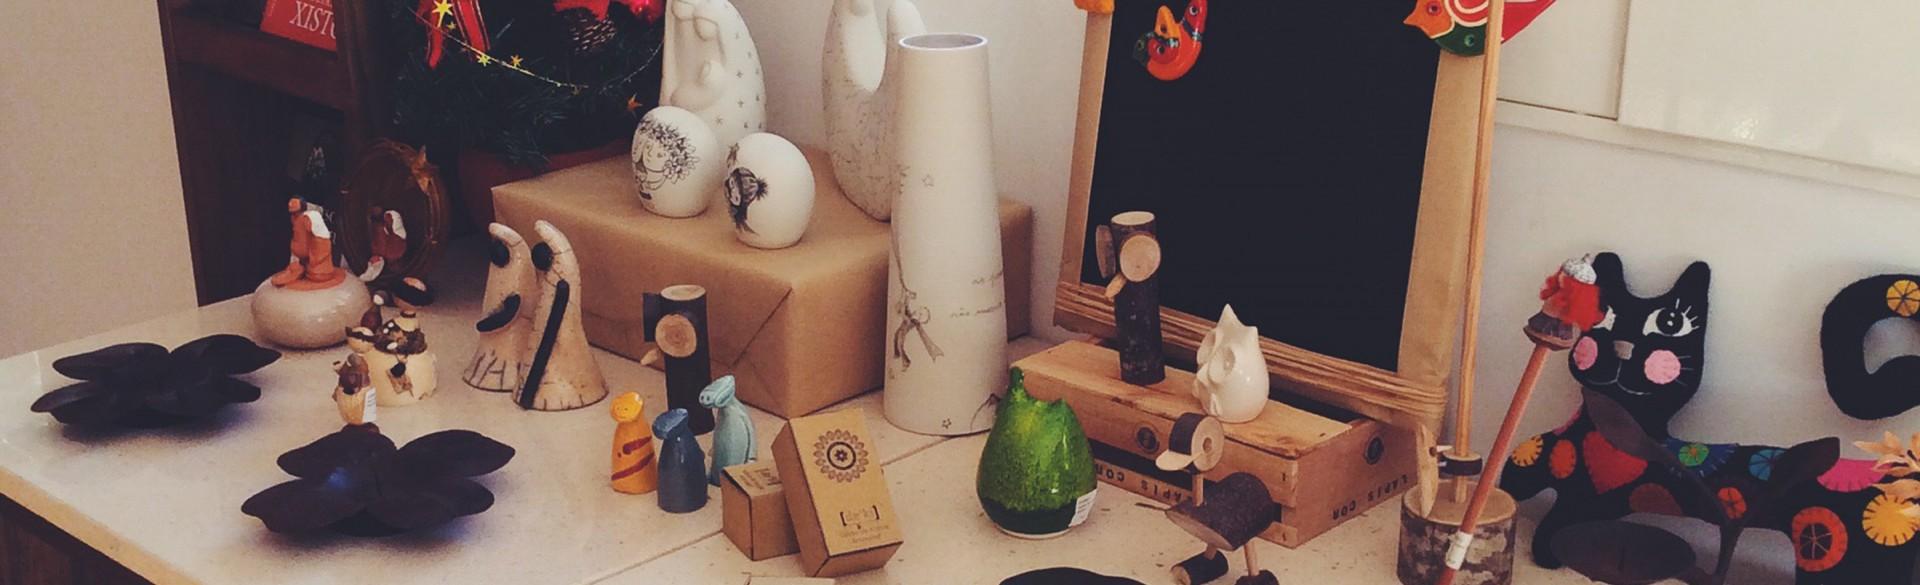 Lojinha de Xisto/Schist Store